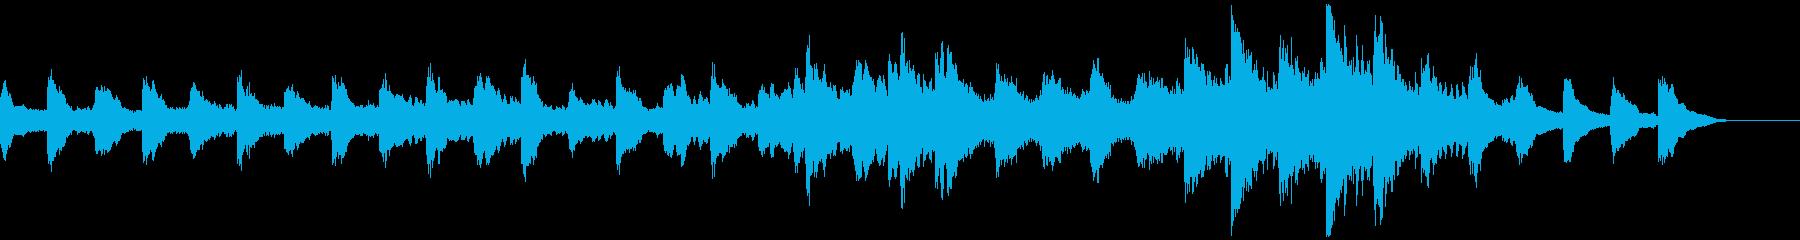 ミステリー・ホラー・不気味な生音ピアノの再生済みの波形